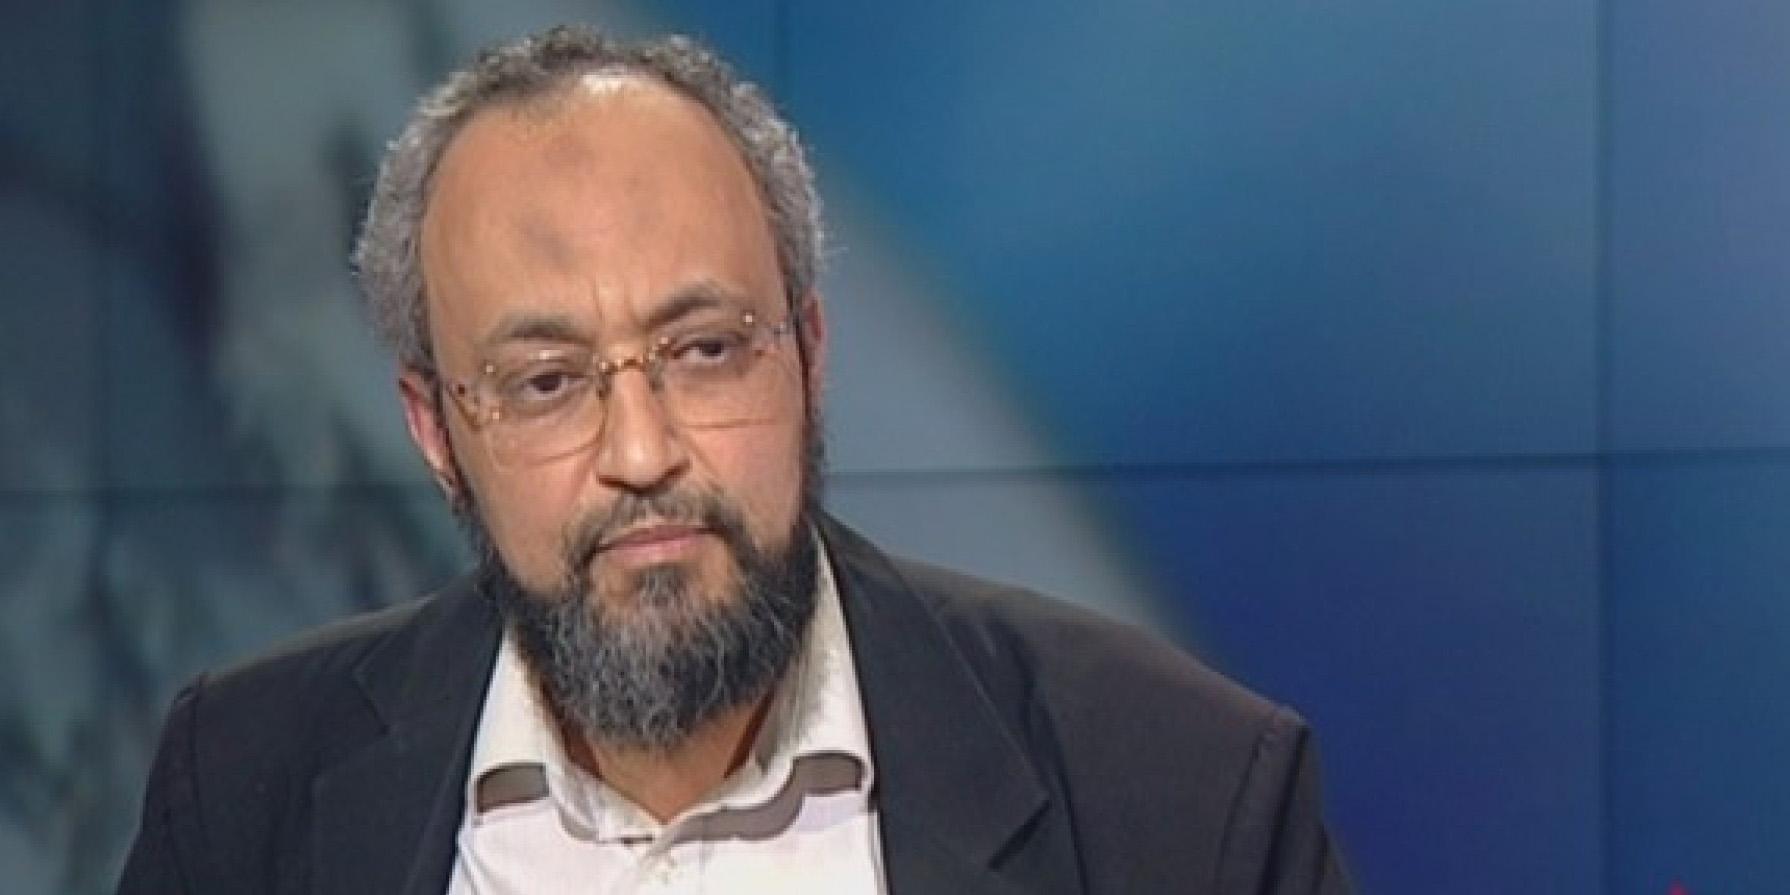 Hani Ramadan interpellé en France, expulsé vers la Suisse